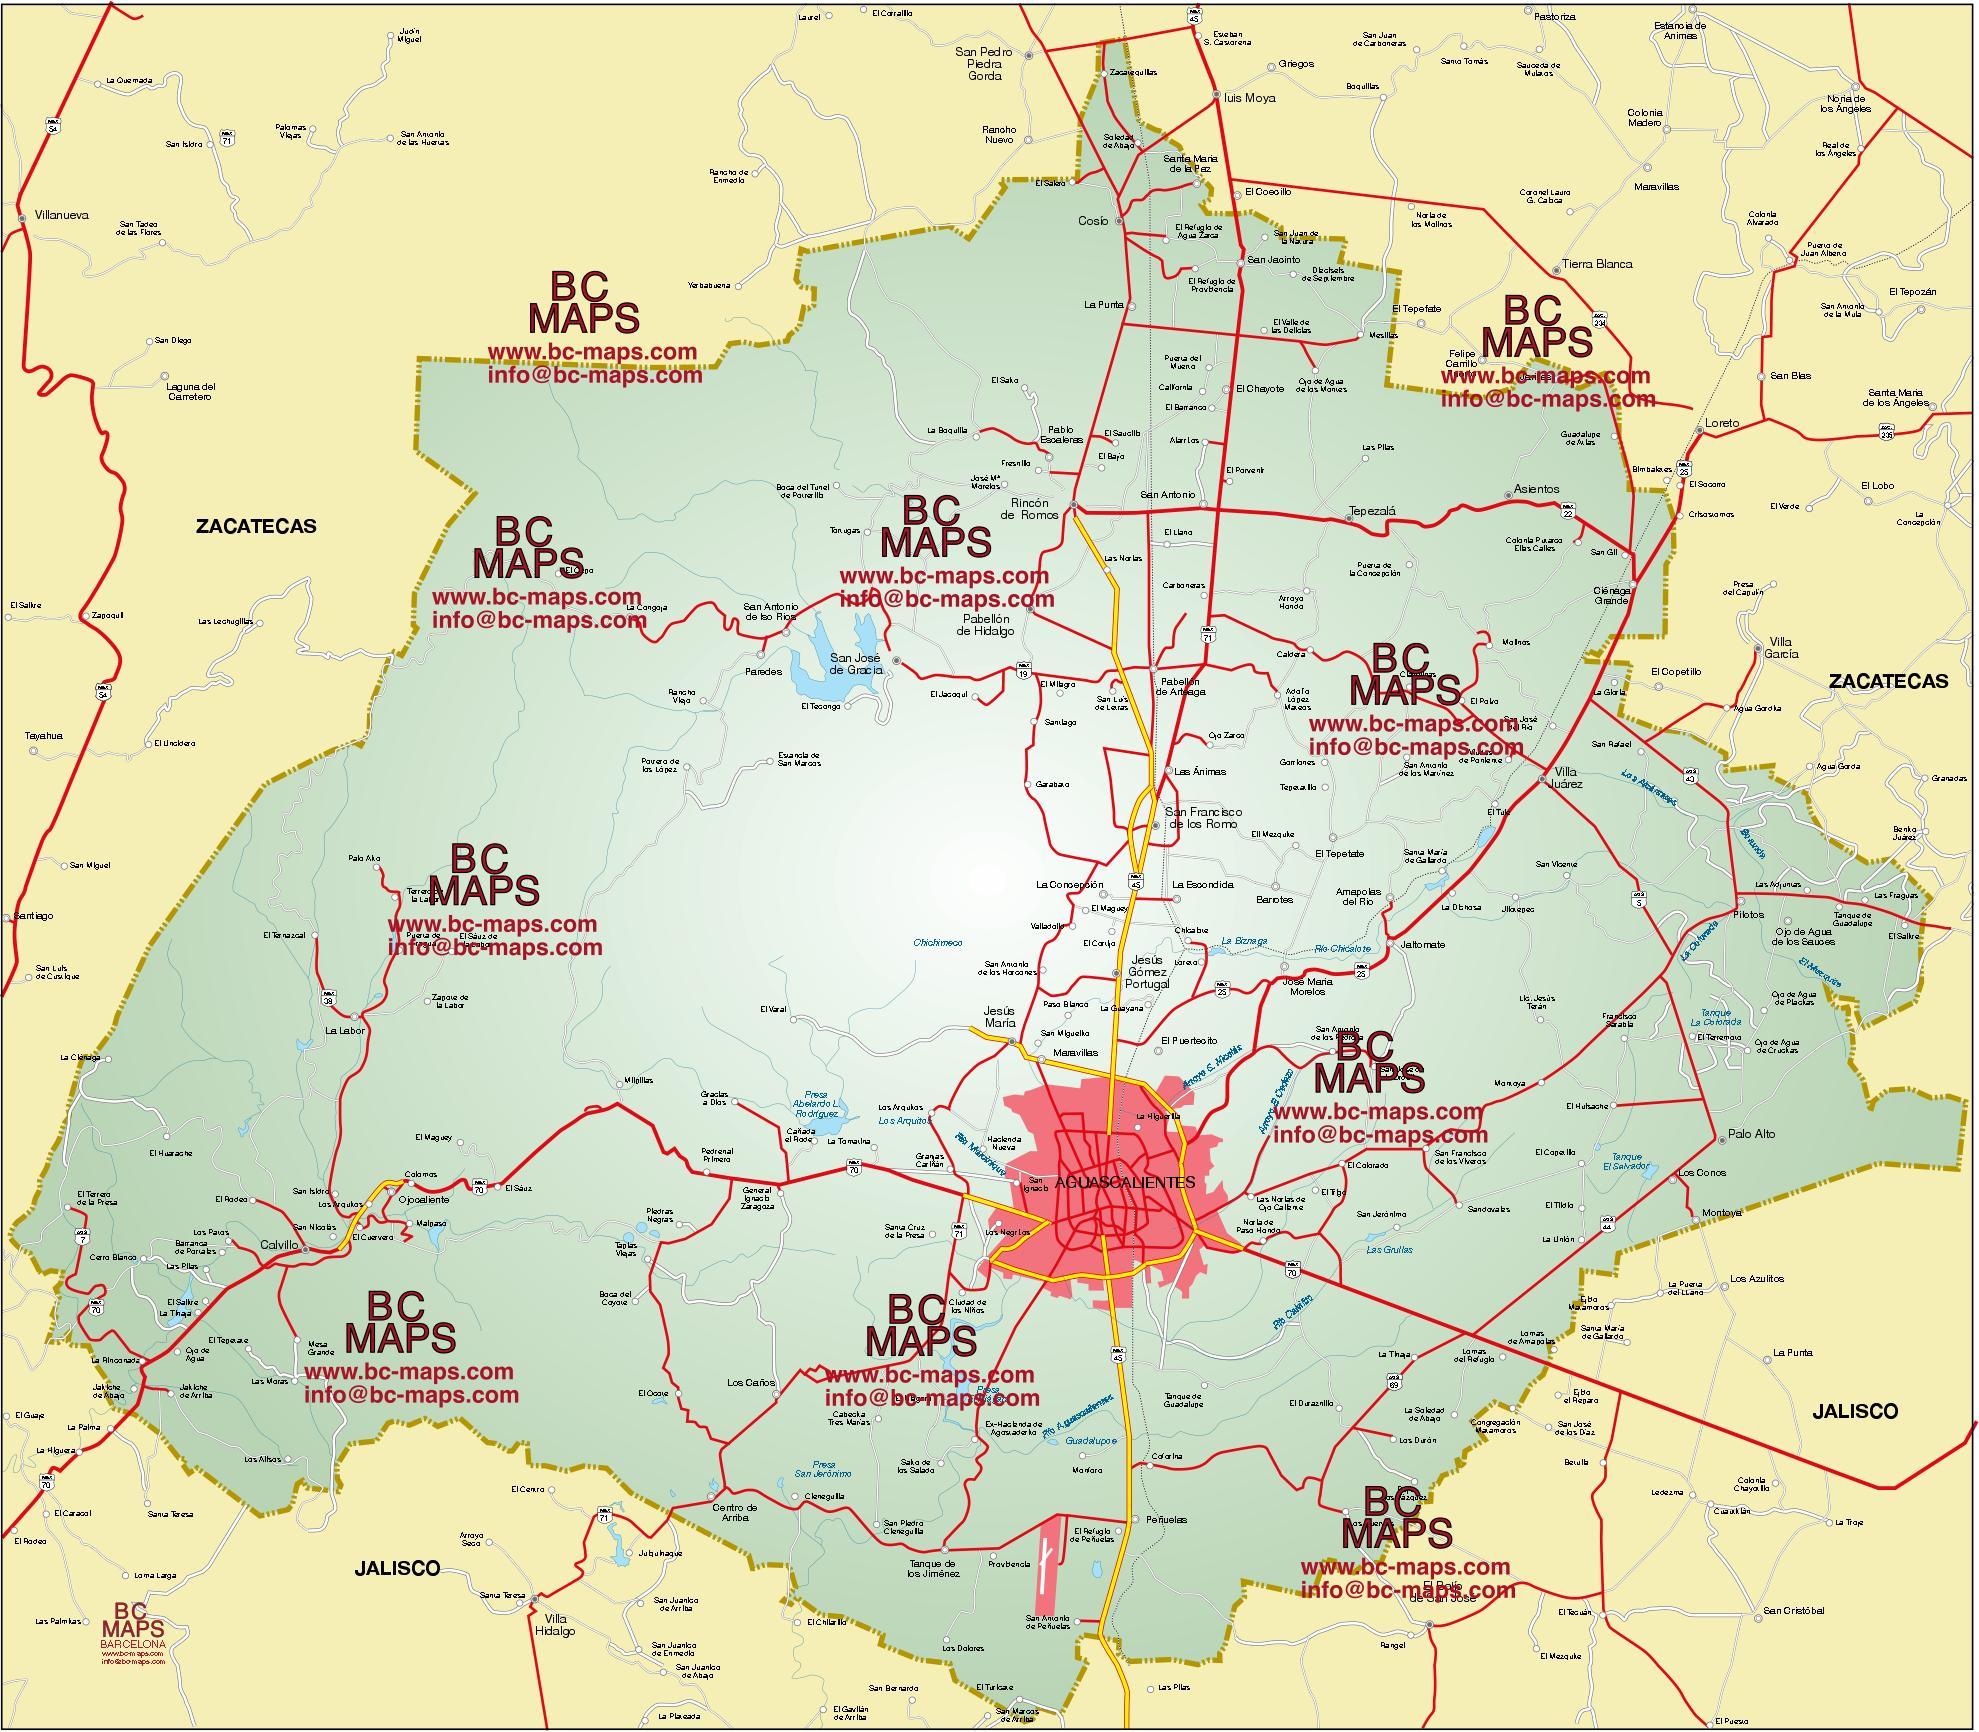 aguascalientes-mapa-vectorizado